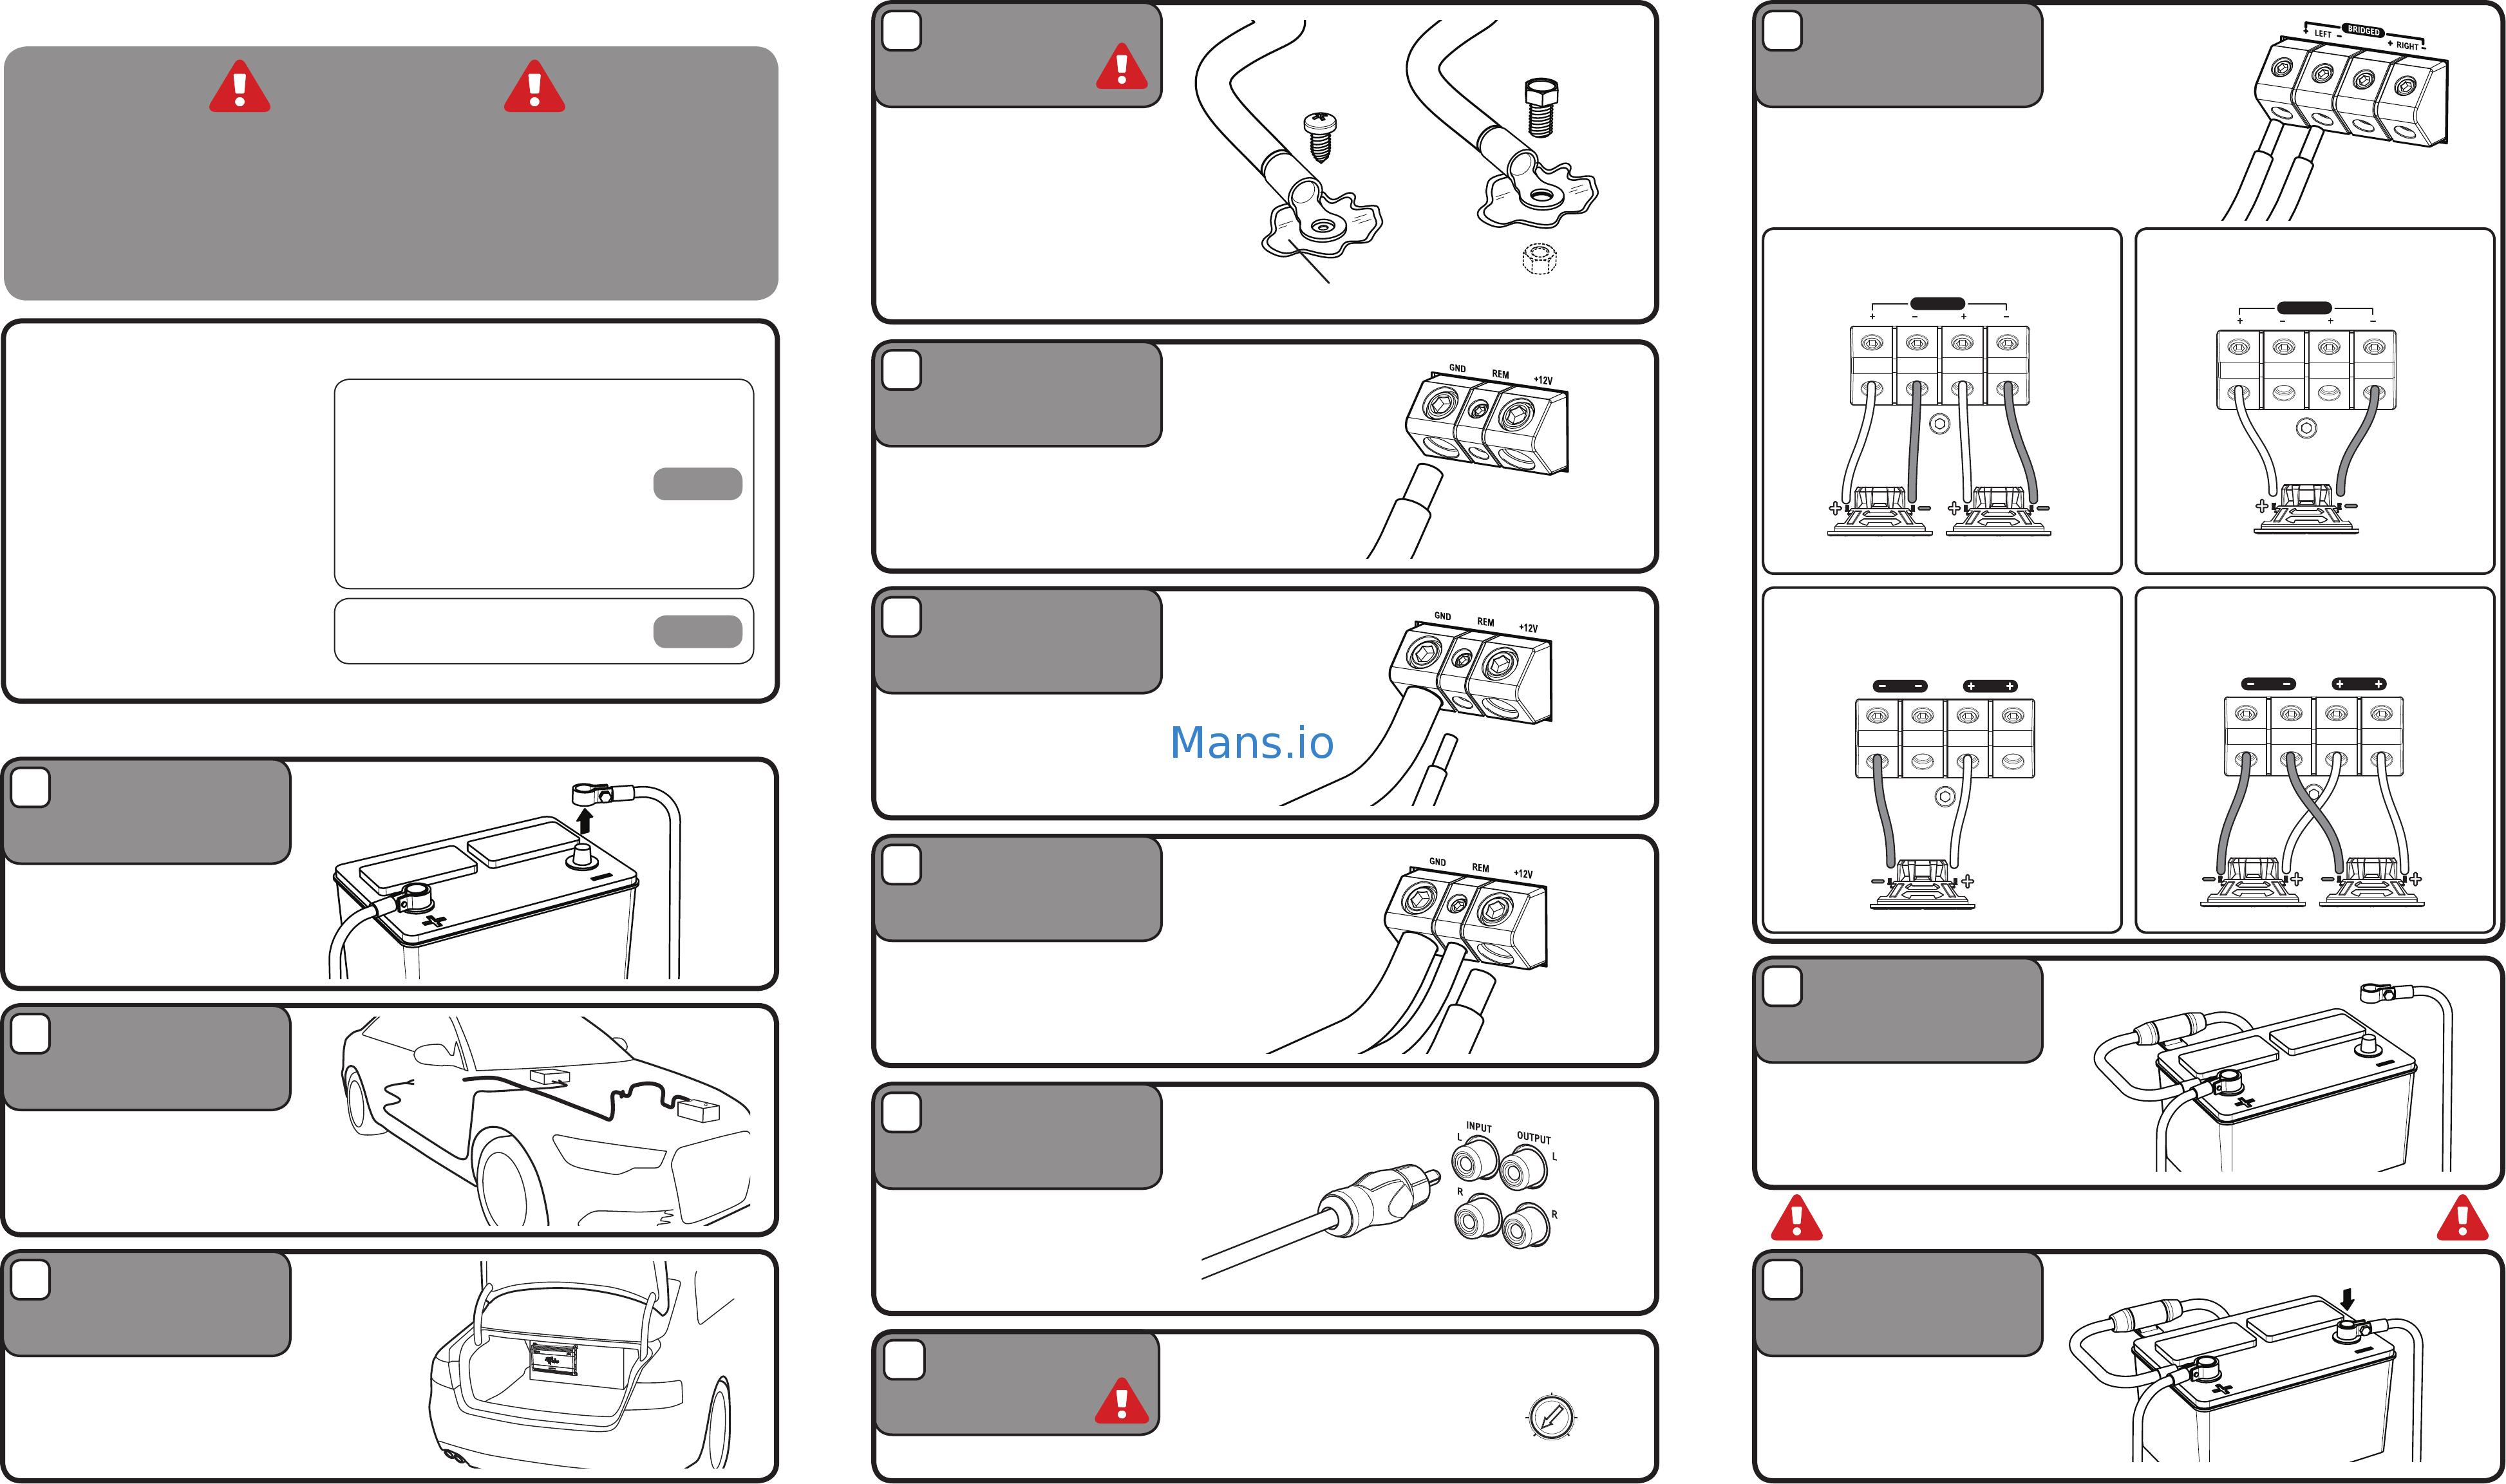 [SCHEMATICS_48IS]  DT_4094] Hifonics Wiring Diagram Free Diagram | Brutus Hifonics Wiring Diagram 2000 |  | Inrebe Trons Mohammedshrine Librar Wiring 101